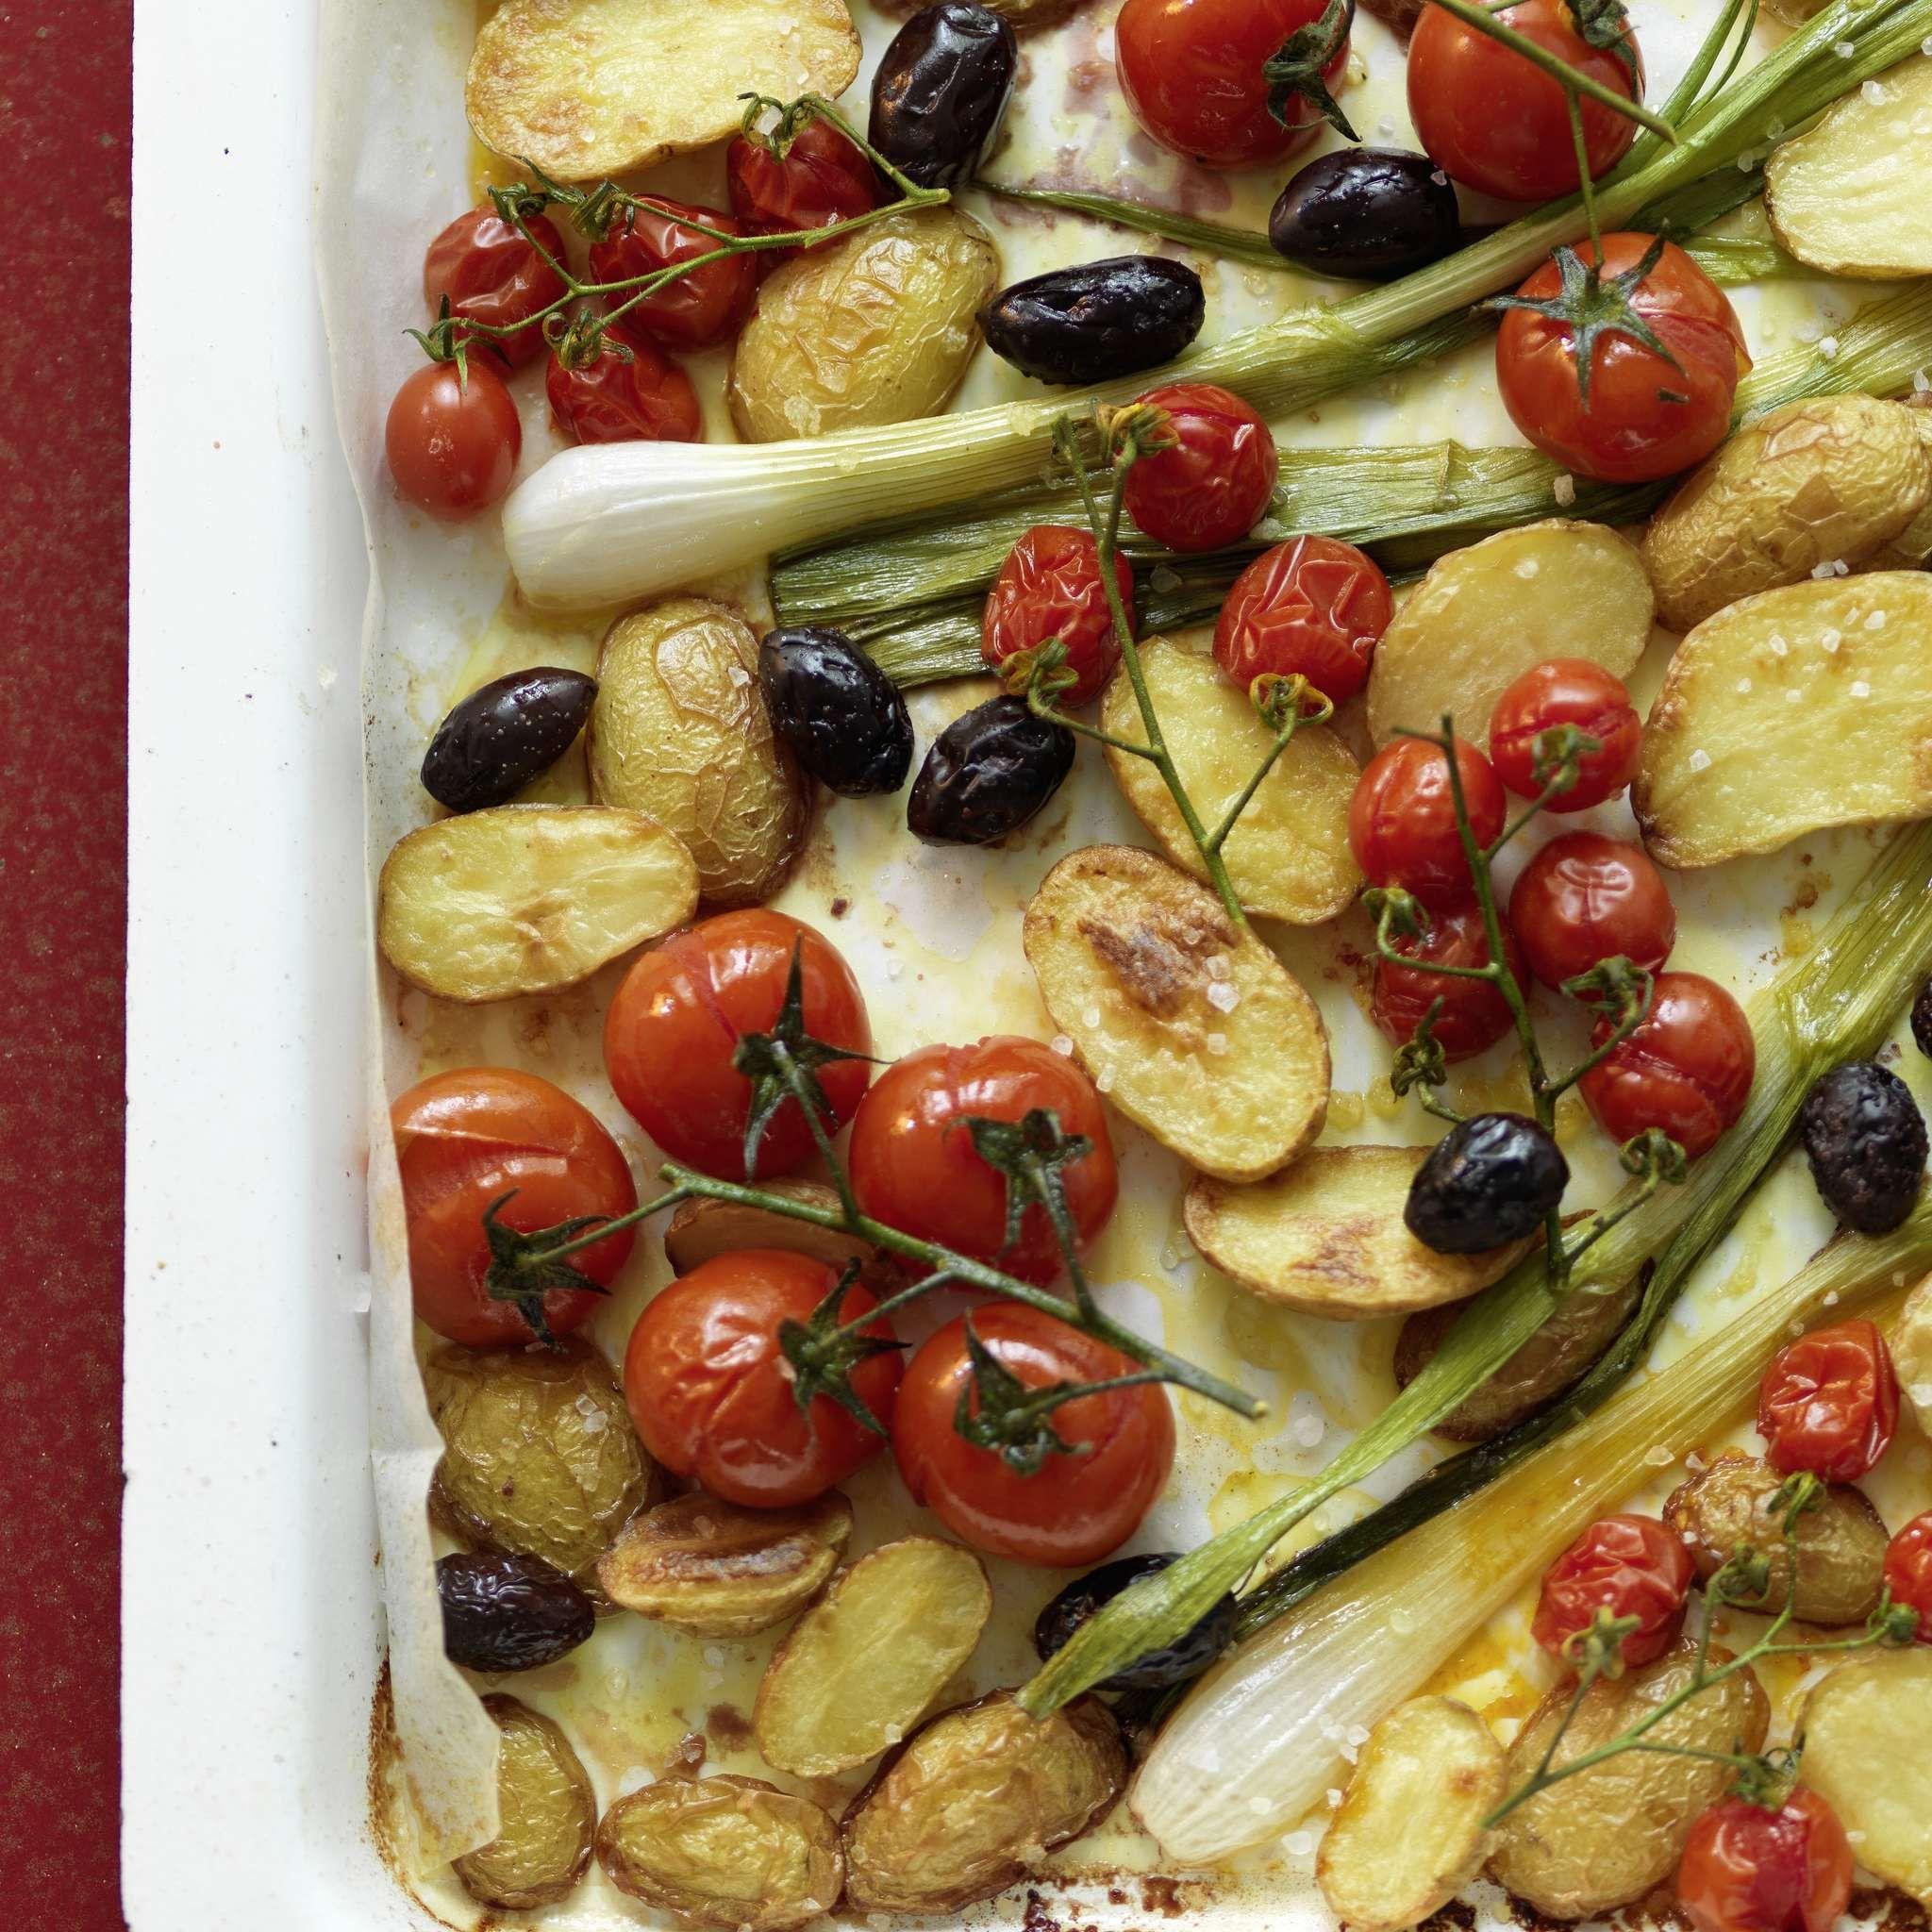 Ofenkartoffeln mit Tomaten. Veganes Sommerrezept für einen einfachen Hauptgang. Neue Kartoffeln mit Oliven, Cherrytomaten und Frühlingszwiebeln im Ofen gebacken. #kartoffelnofen